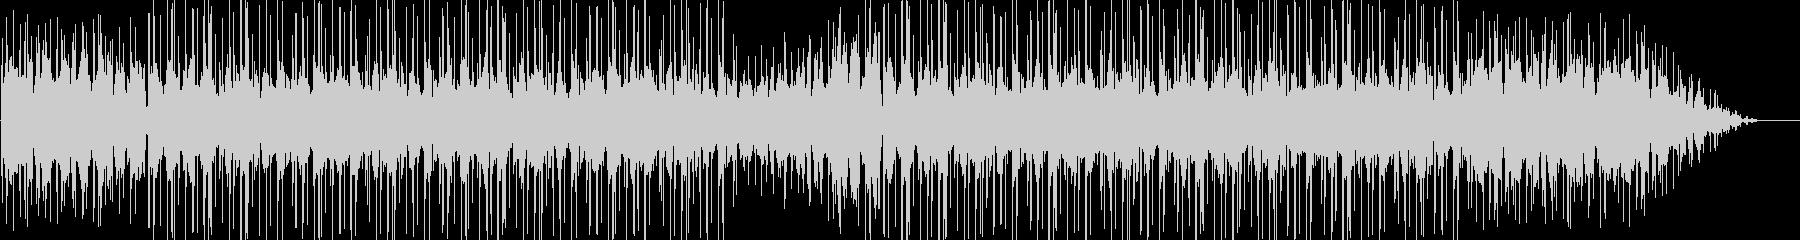 メロウでスペイシーなインストヒップホップの未再生の波形